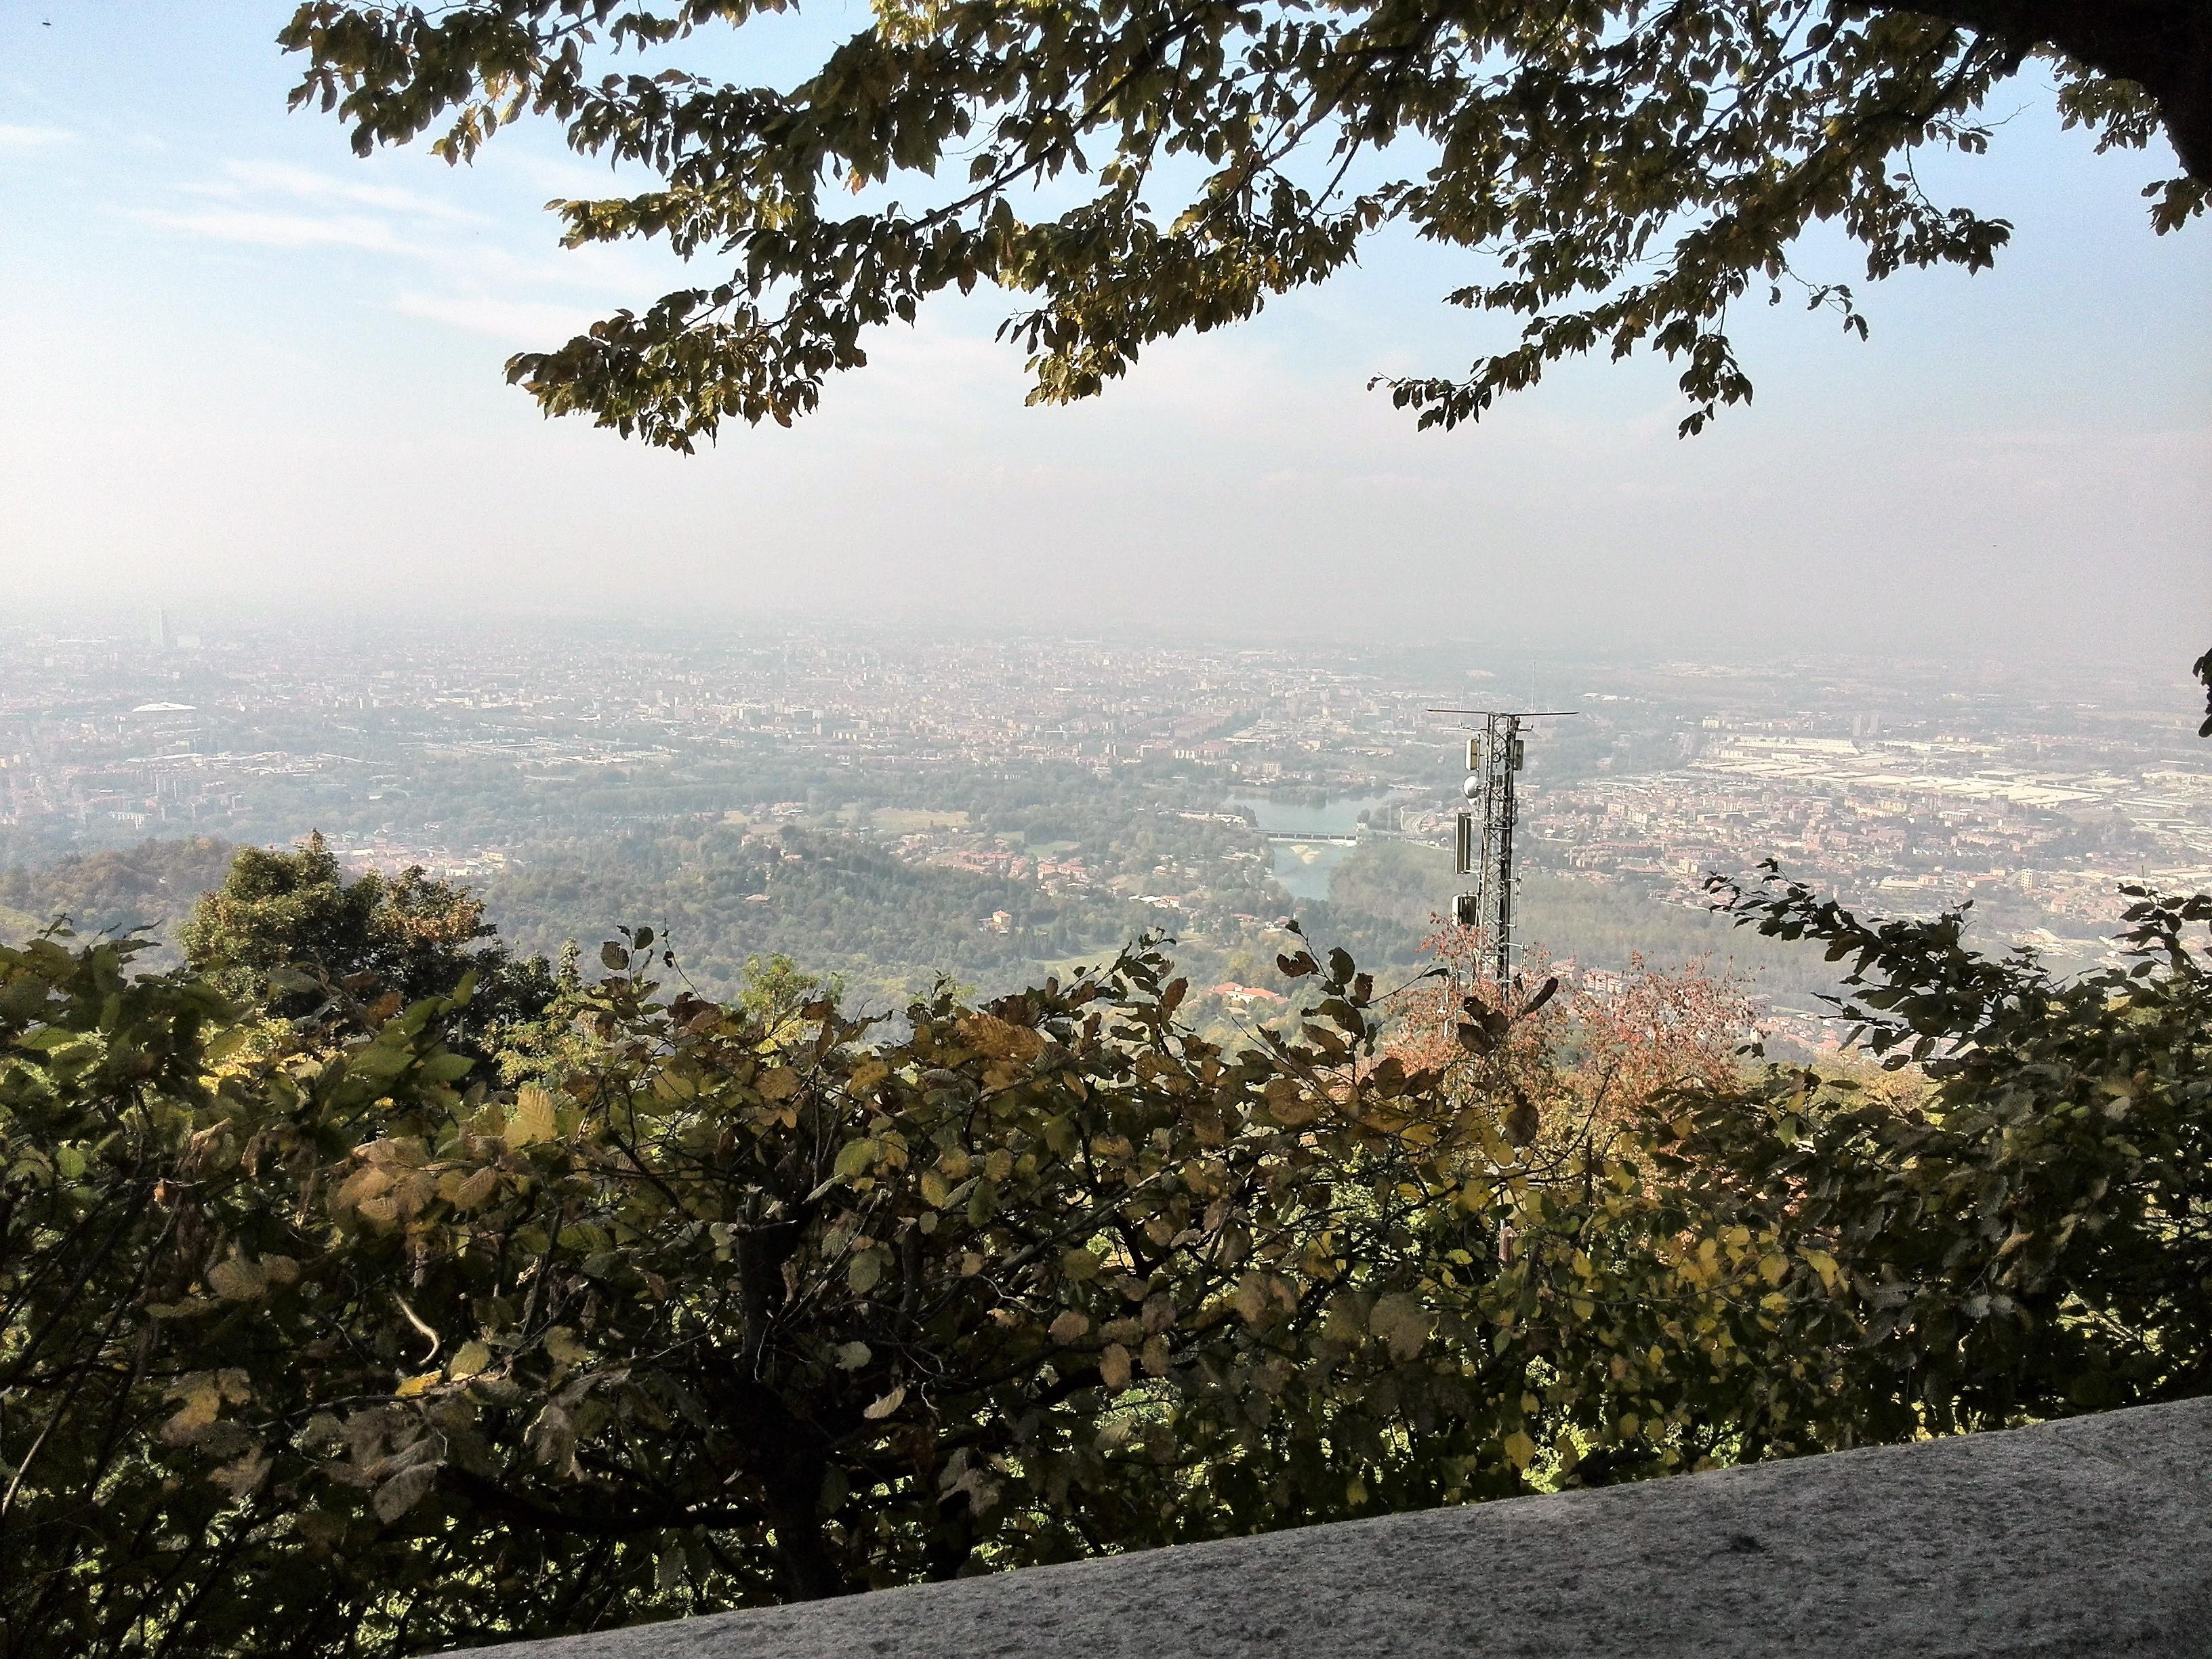 Paesaggio in bicicletta dalle colline vicino a Torino